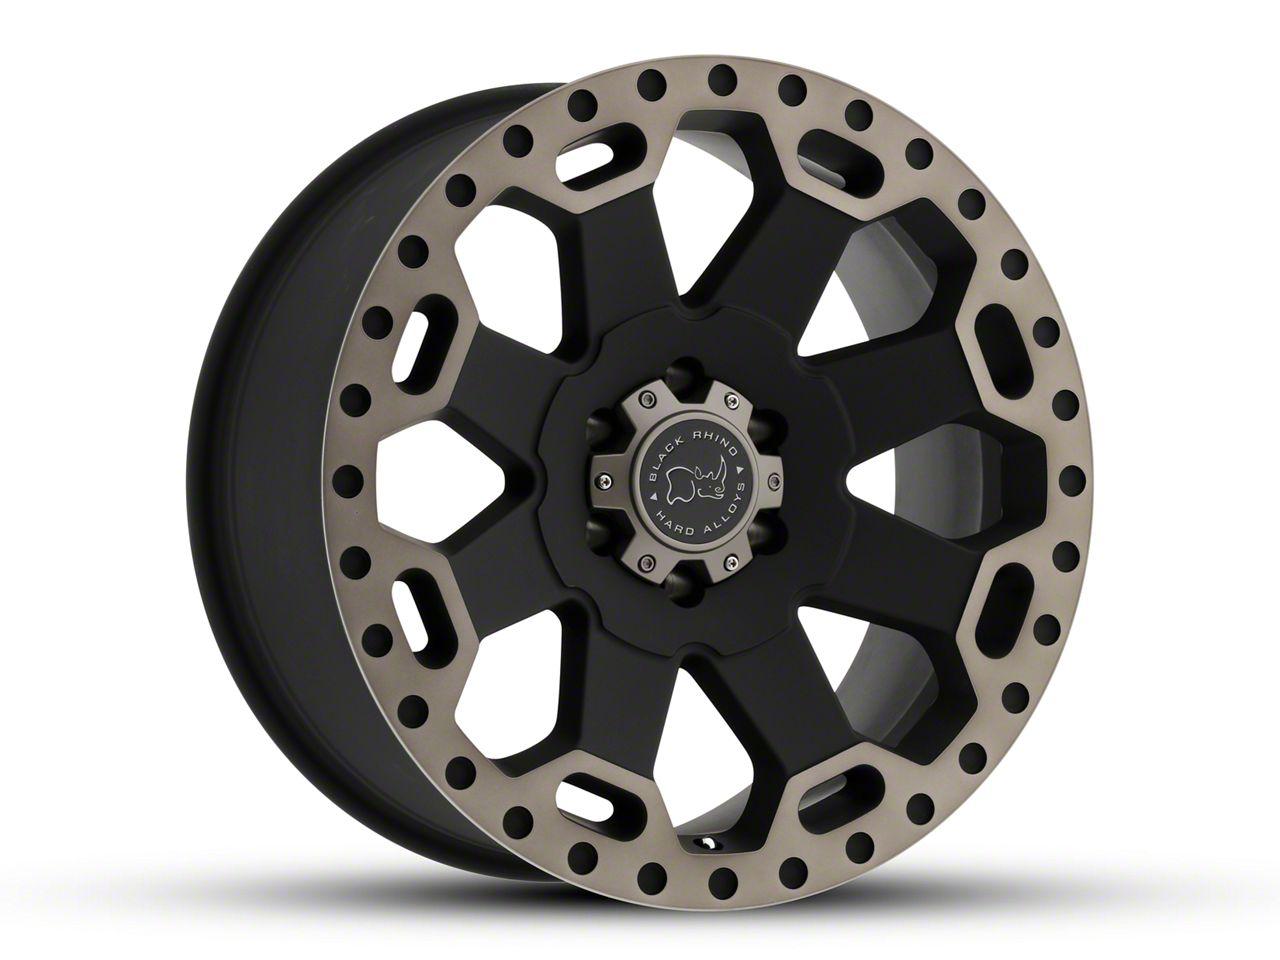 Black Rhino Warlord Matte Black Machined 5-Lug Wheel - 17x9 (02-18 RAM 1500, Excluding Mega Cab)